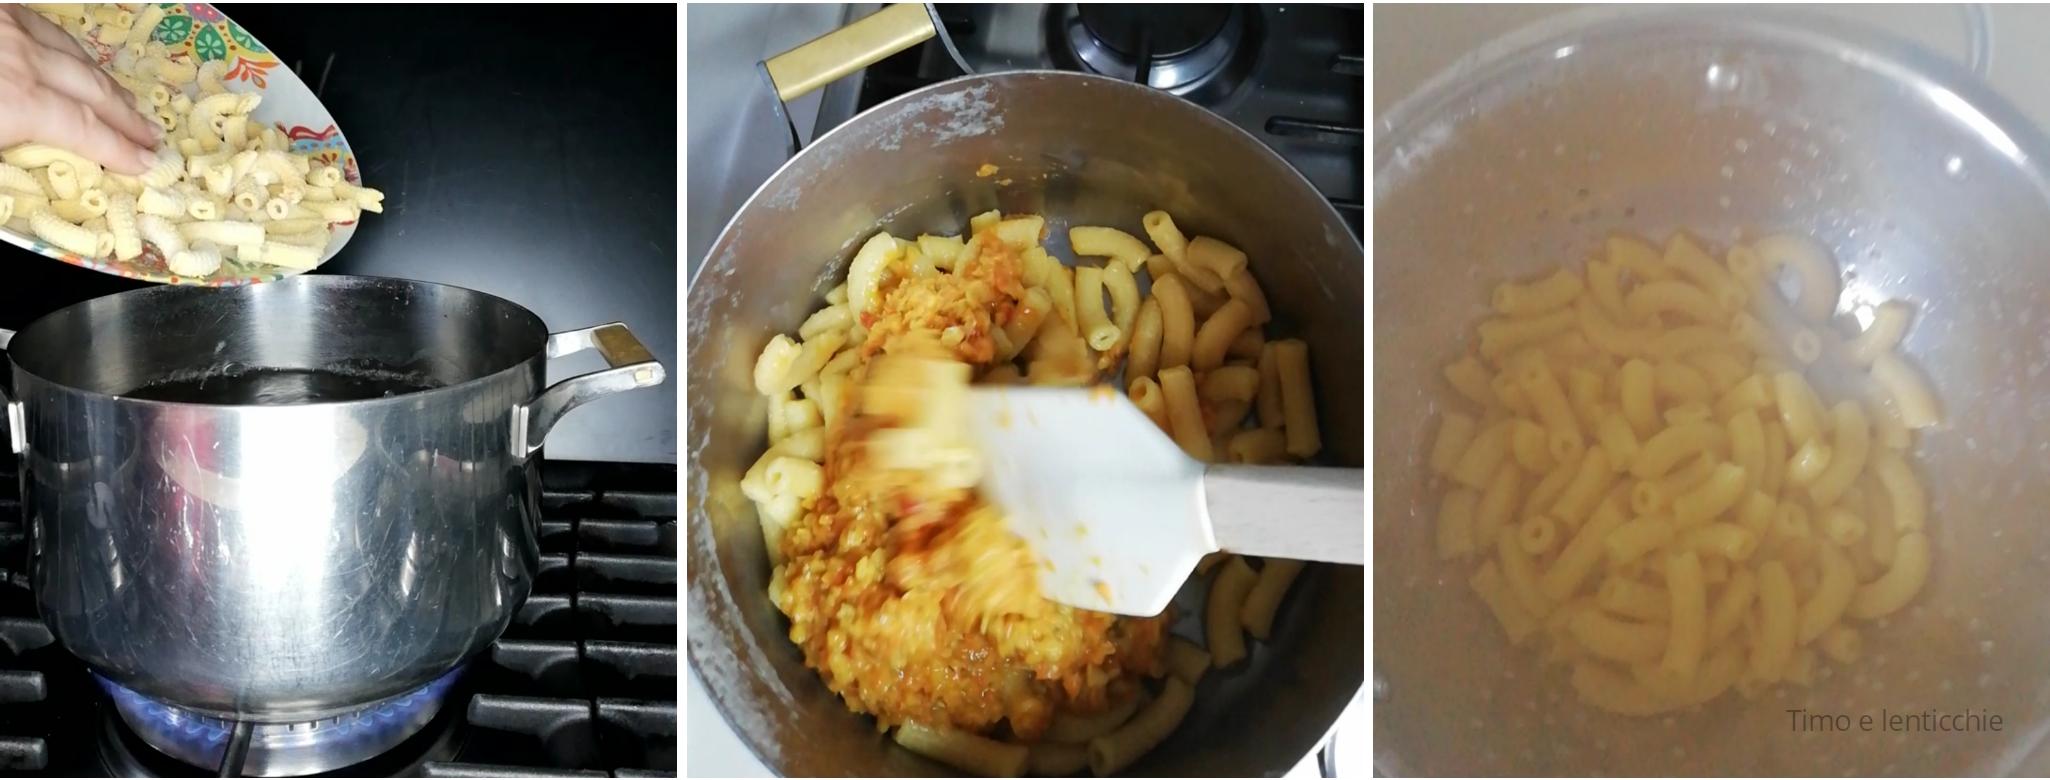 pasta al ragu di lenticchie 4